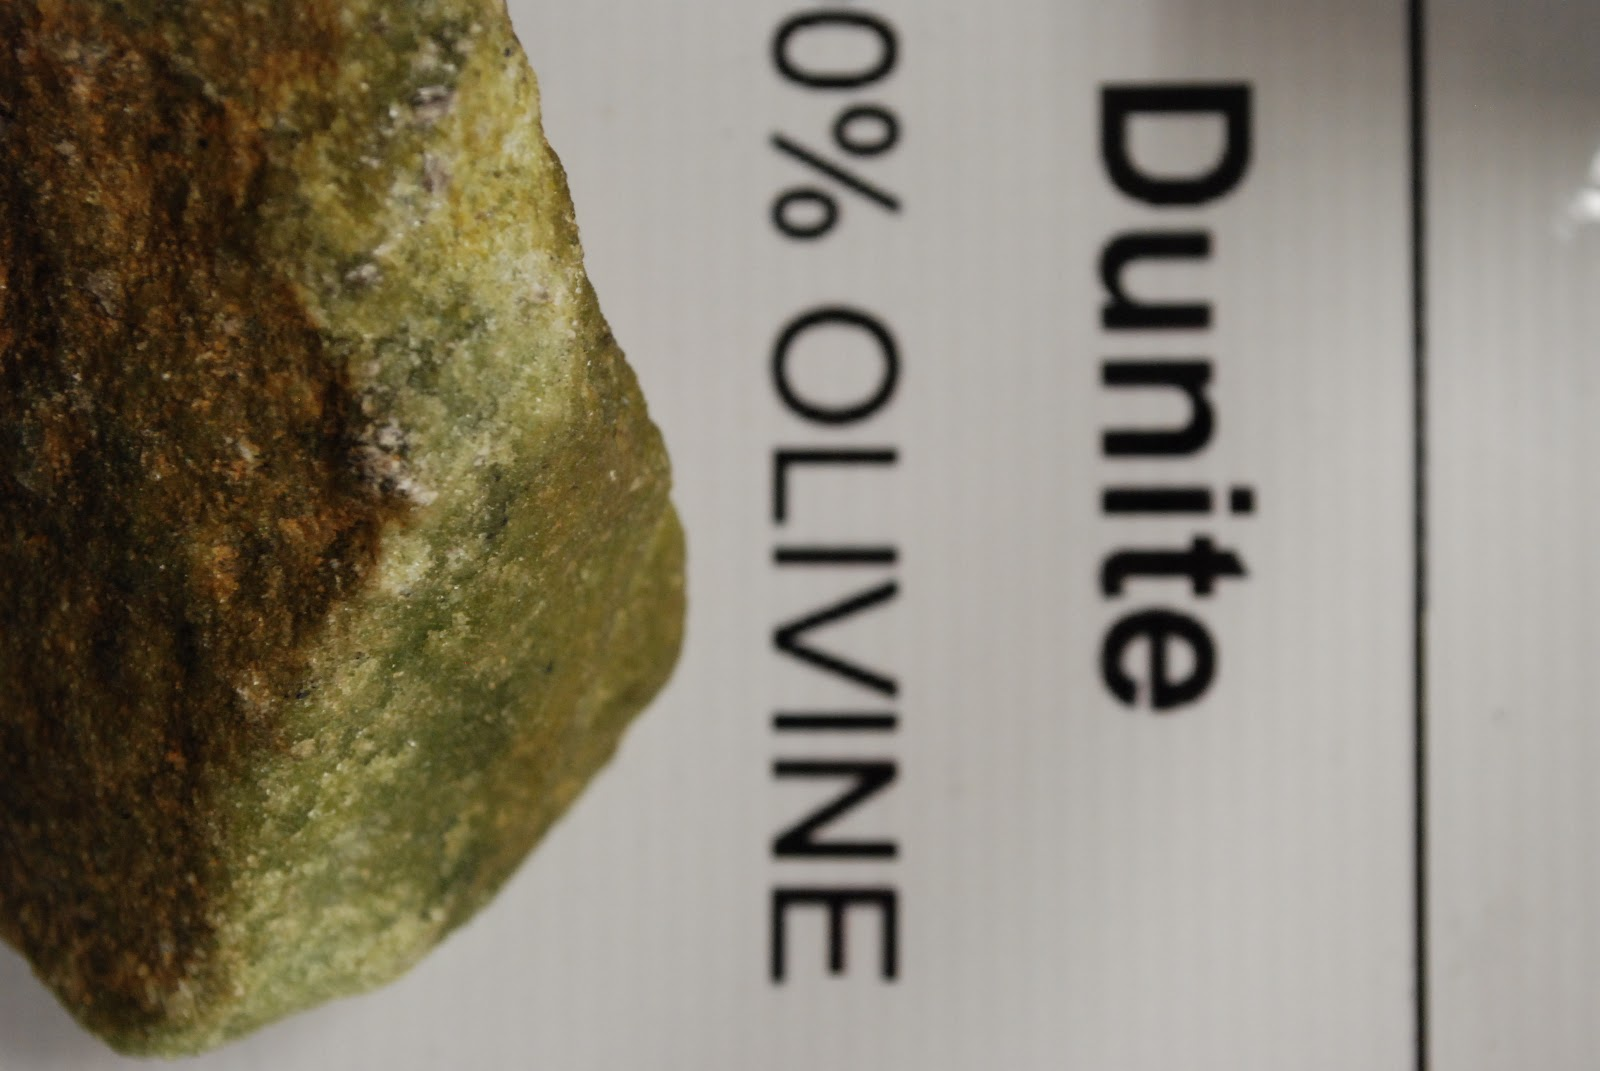 Phaneritic Peridotite